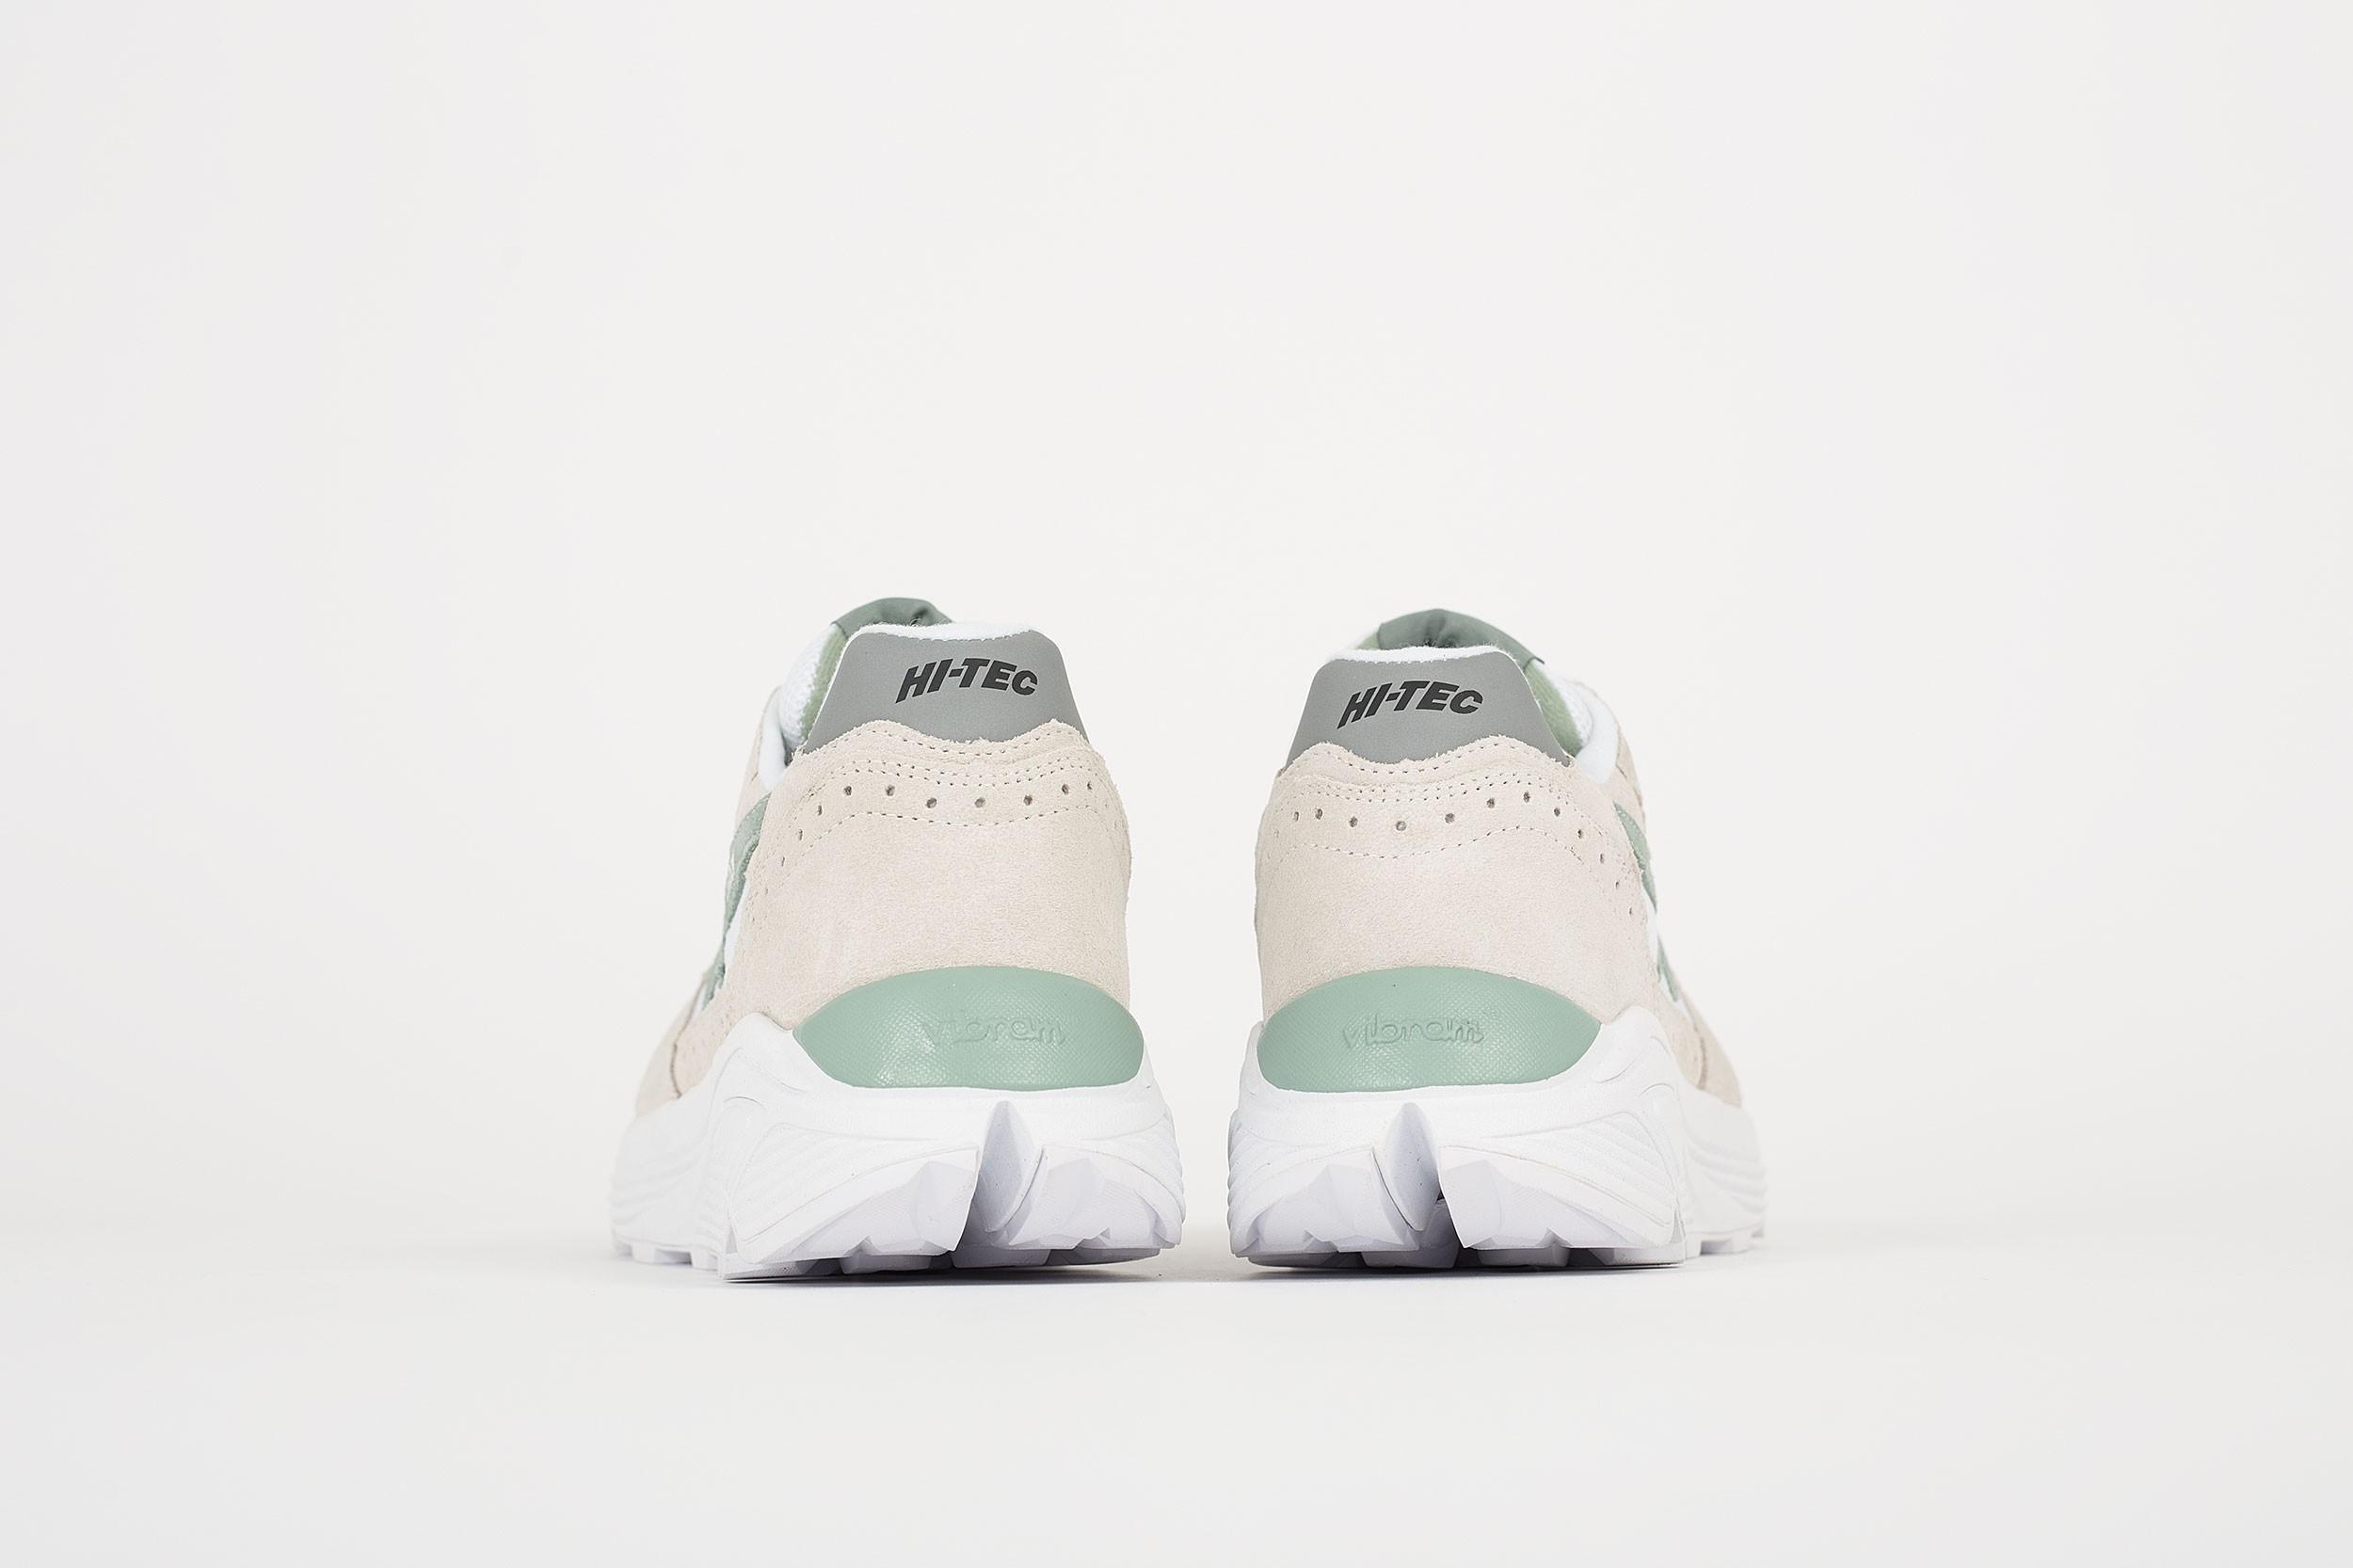 """giay the thao ugly sneakers hi tec HTS Shadow elle man - 9 thiết kế giày thể thao """"Xấu Lạ"""" đáng chú ý nhất hiện nay"""